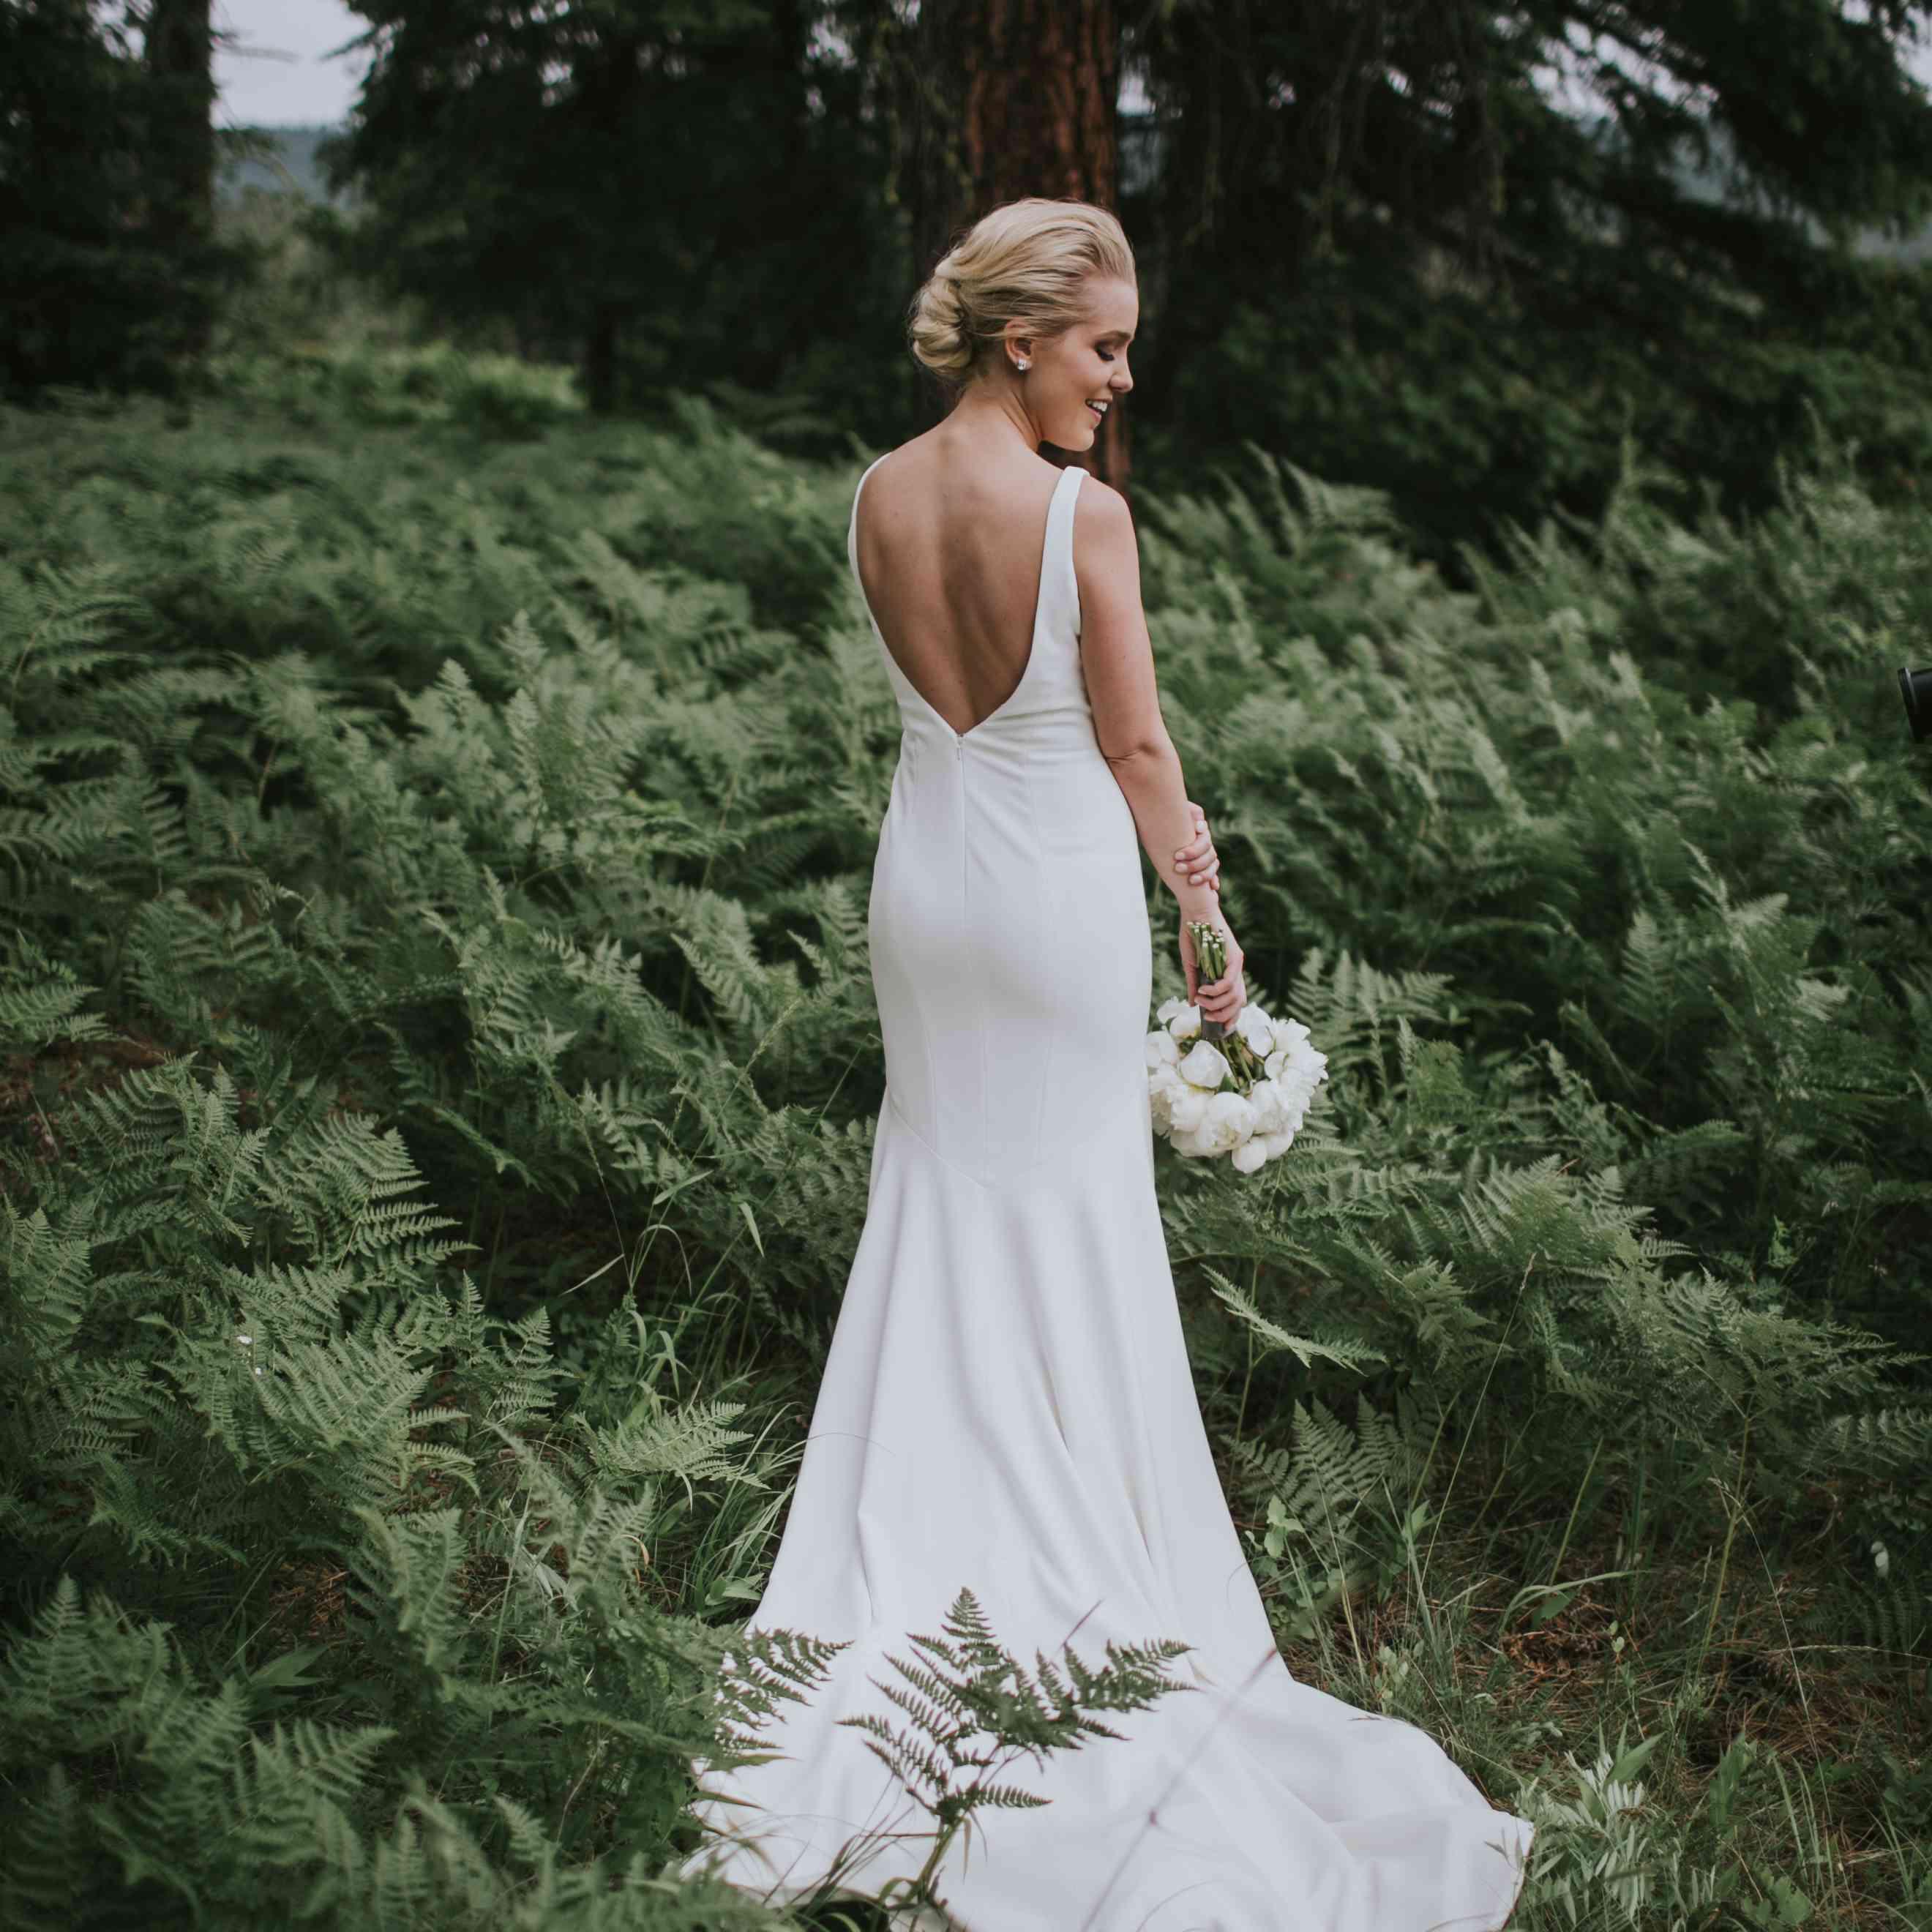 Bride wearing open back dress